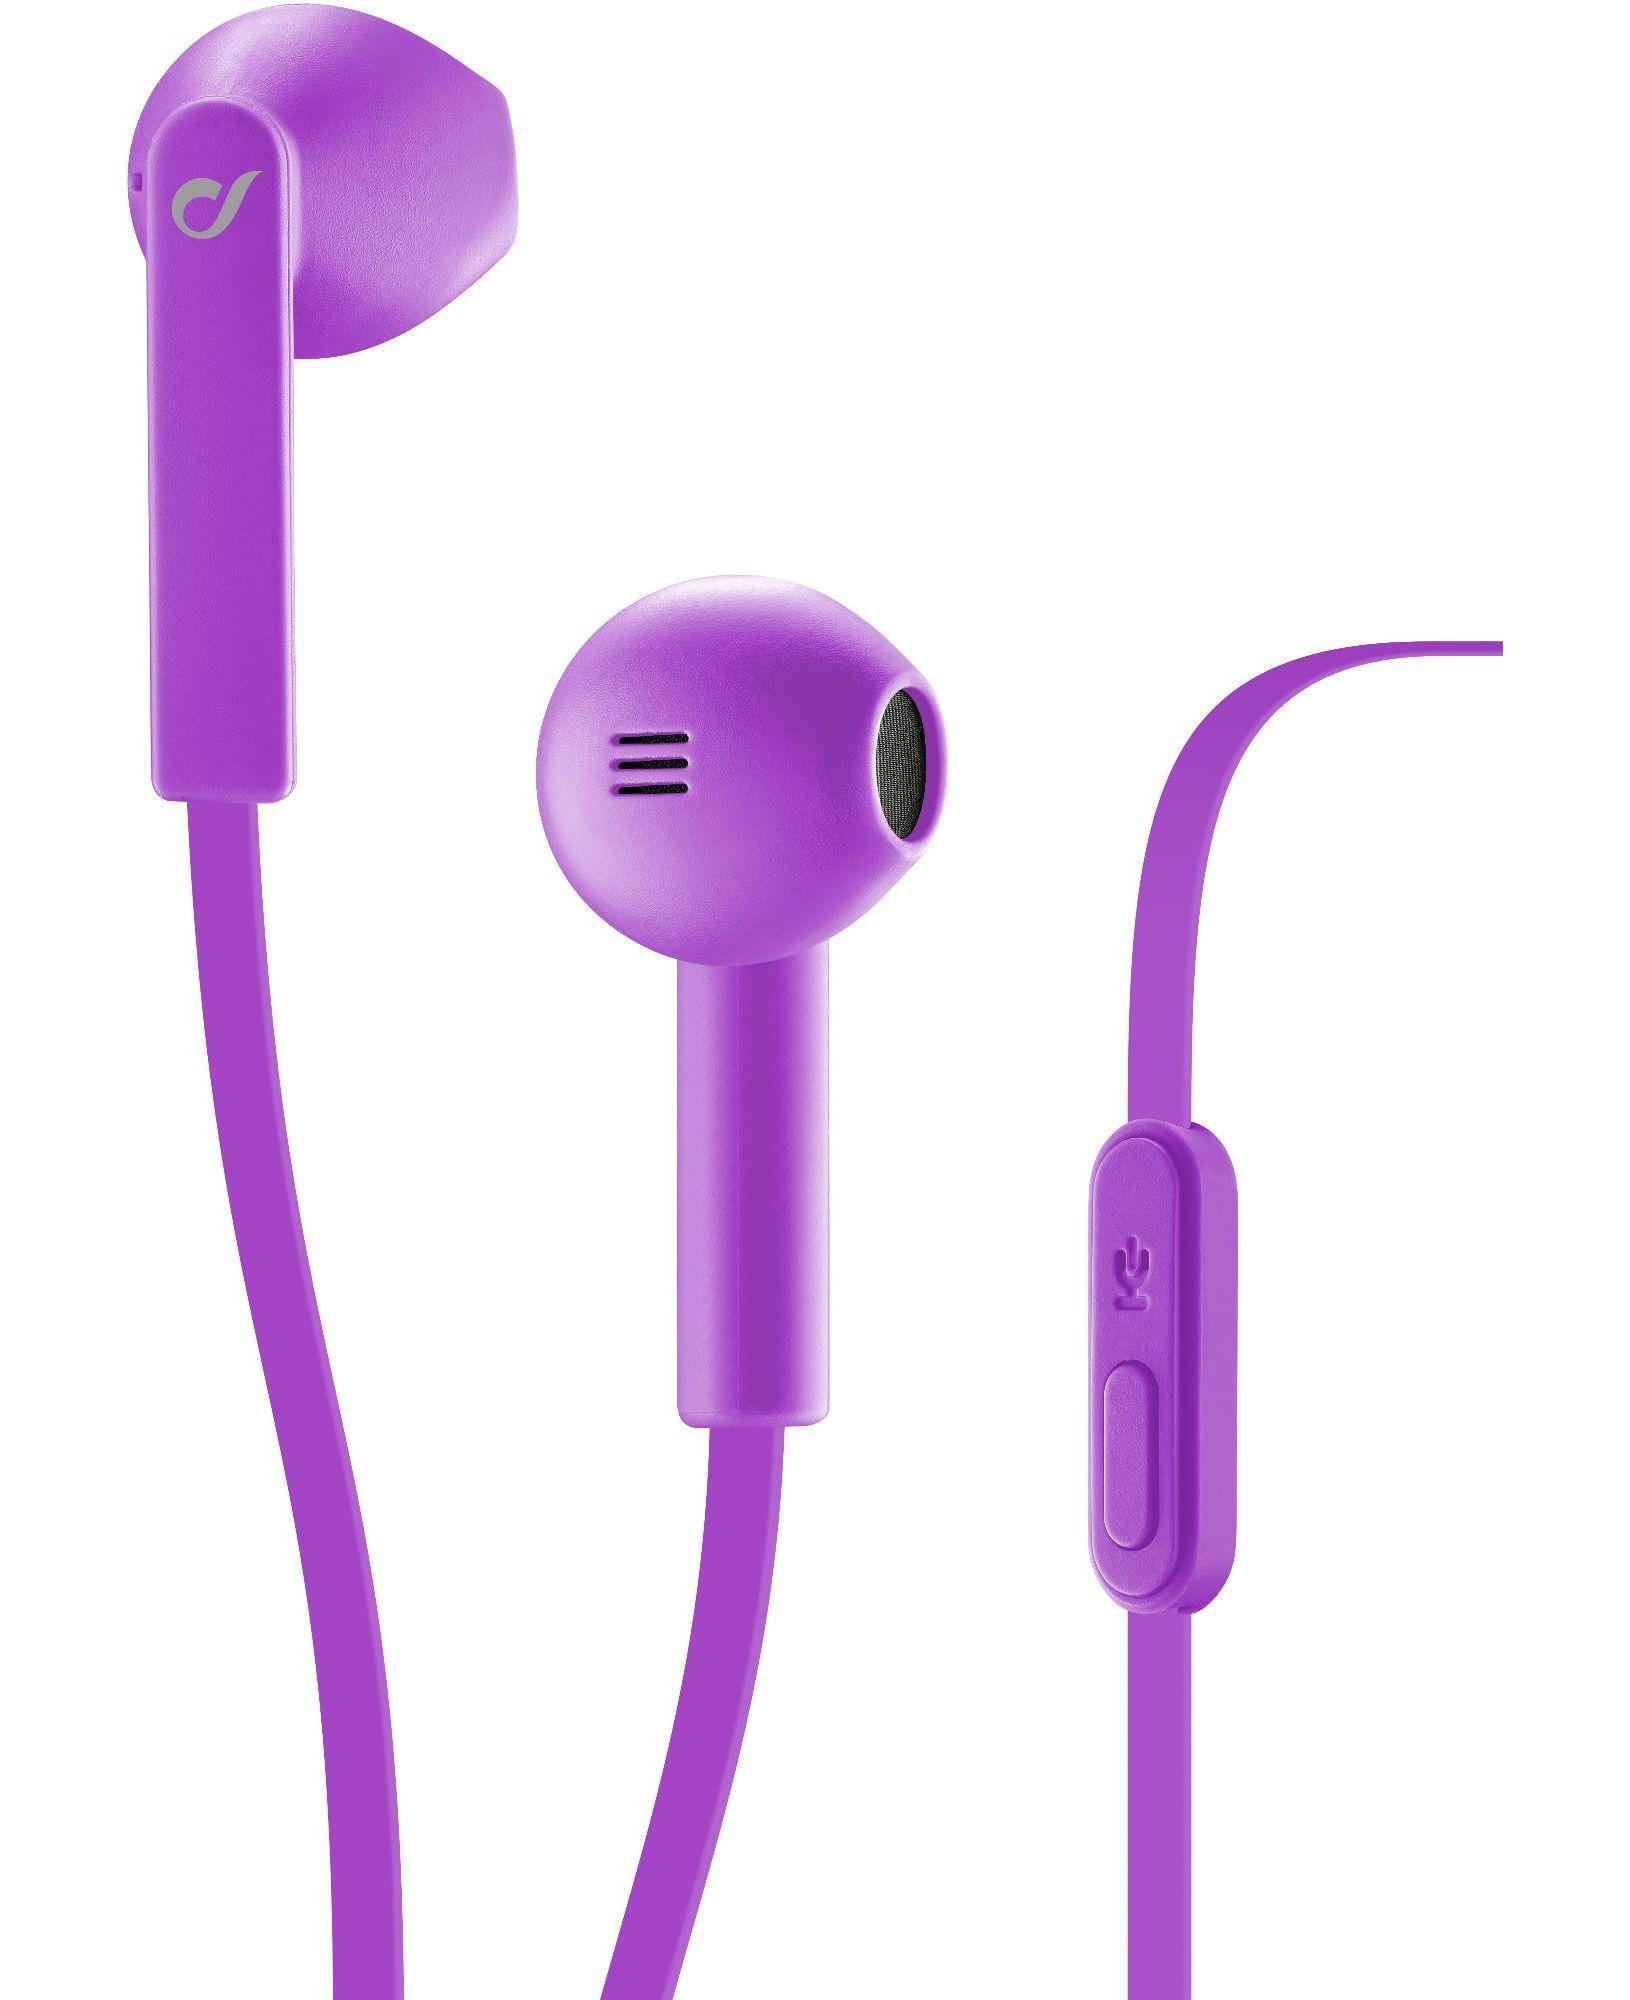 Cellularline Loud - Universale Auricolare a capsula ovale dal suono definito e potente Viola